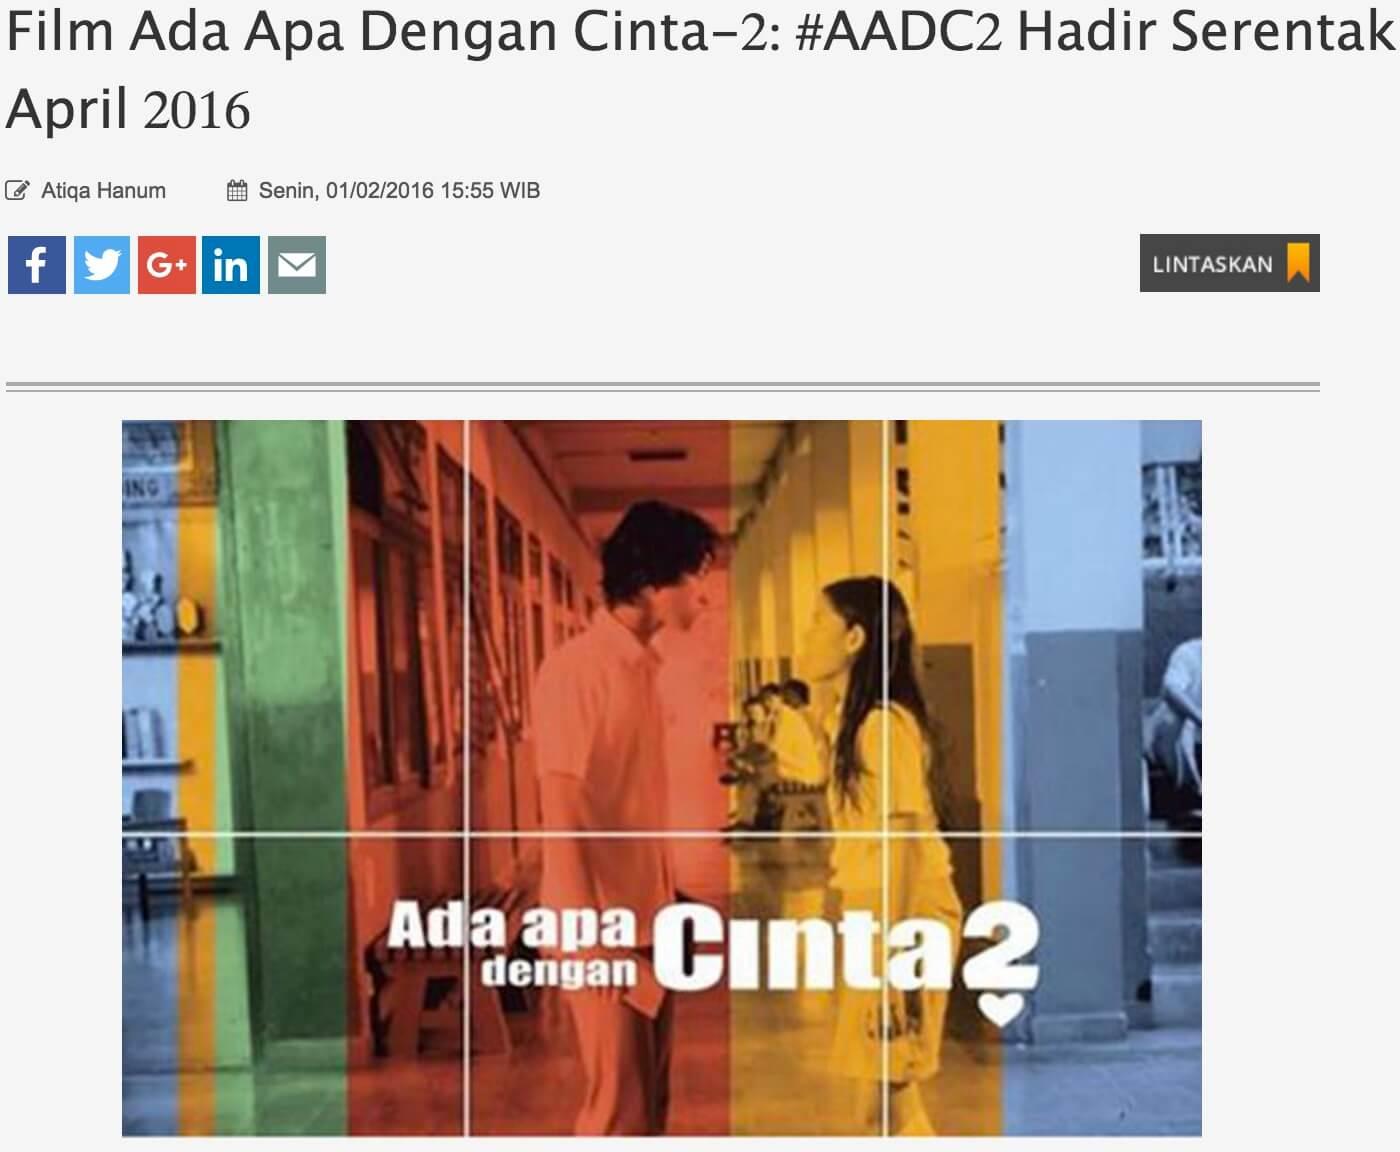 インドネシア映画 Ada apa dengan Cinta2 AADC2